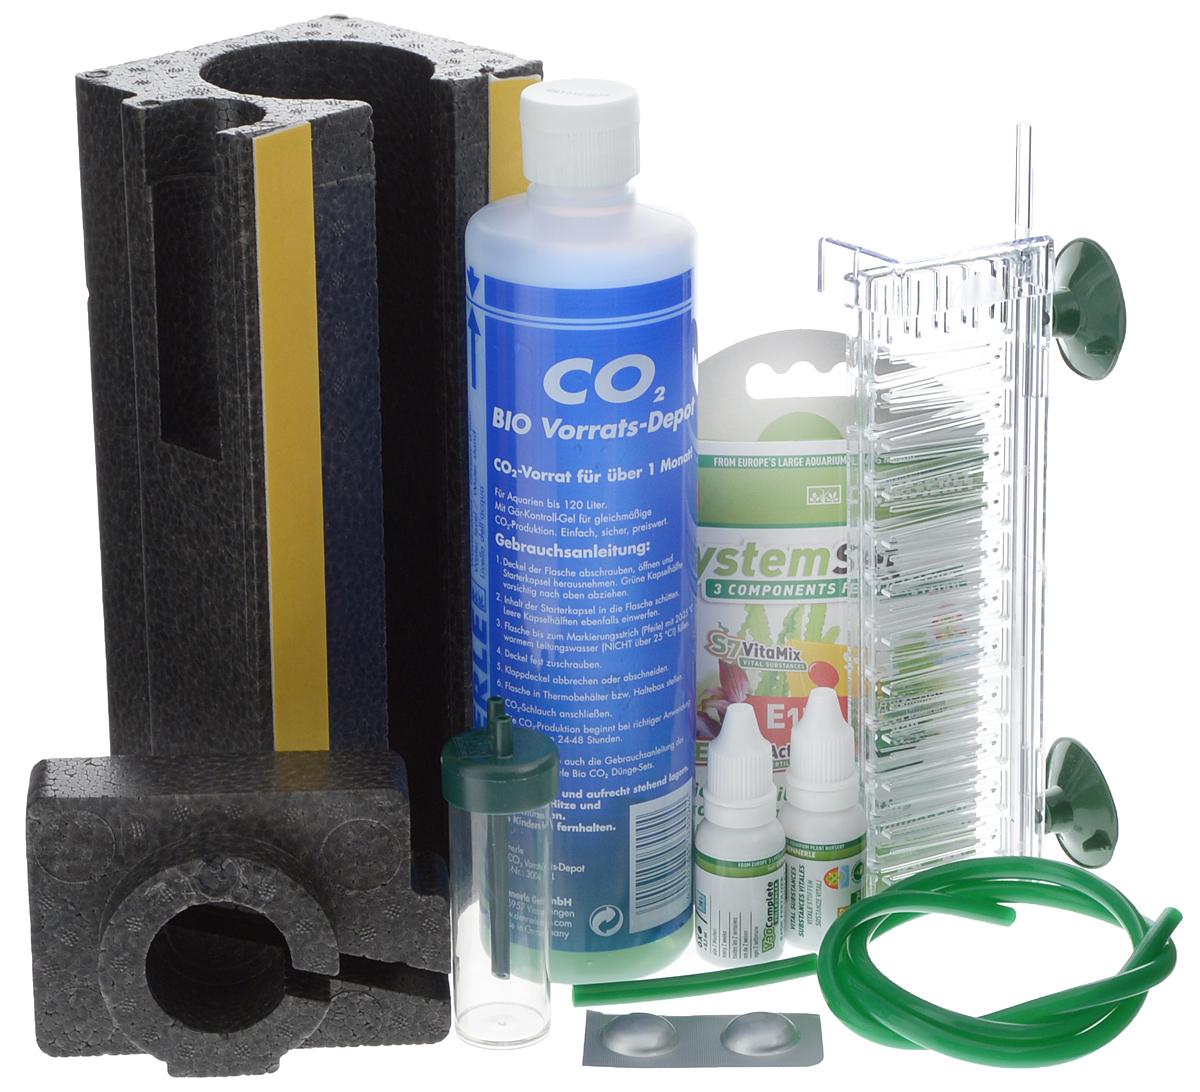 Установка в аквариум Dennerle BIO 120 CO2 Profi KomplettSet, для подачи СО20120710Установка в аквариум Dennerle BIO 120 CO2 Profi KomplettSetпредназначена для подачи СО2 в аквариум. Подходит для аквариумов объемов до 120 л. Комплект включает в себя:- Реакционный баллон для производства СО2 сконтролируемым гелем;- Стартовая капсула;- Термоконтейнер;- Реактор СО2 Dennerle Micro-Flipper;- Шланг для CO2;- Счетчик пузырьков;- Комплекс удобрений Dennerle PerfectPlant.